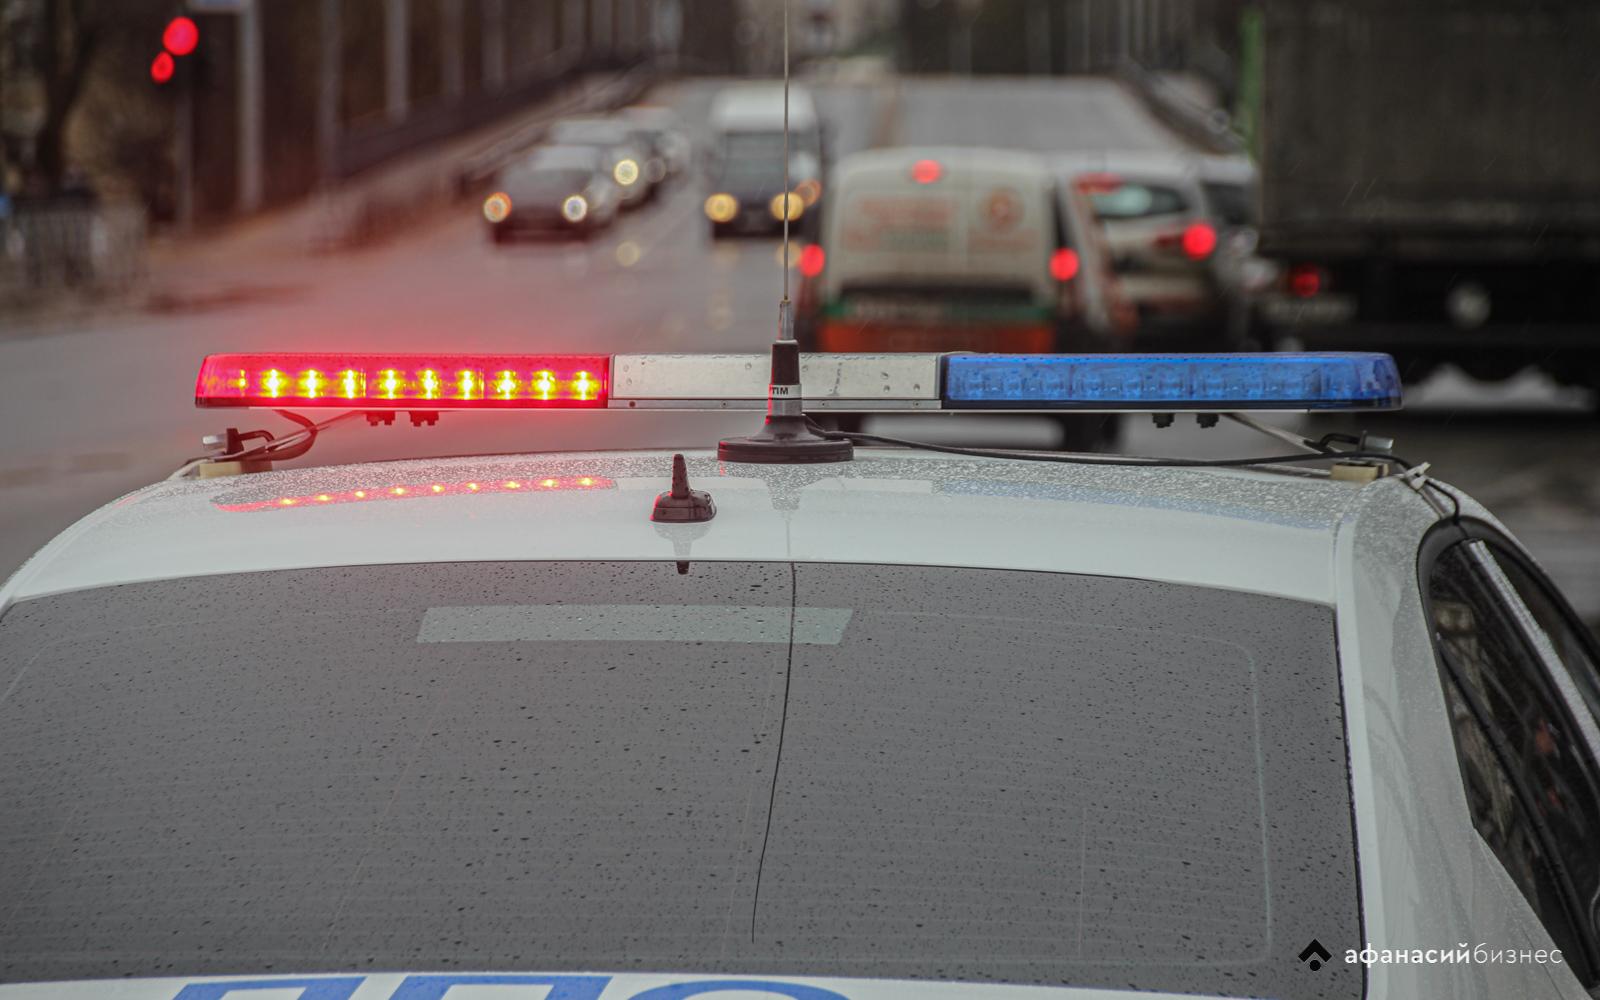 В Тверской области остановили «в стельку» пьяного водителя, который собрался ехать в другой город, чтобы встретить родню с поезда - новости Афанасий